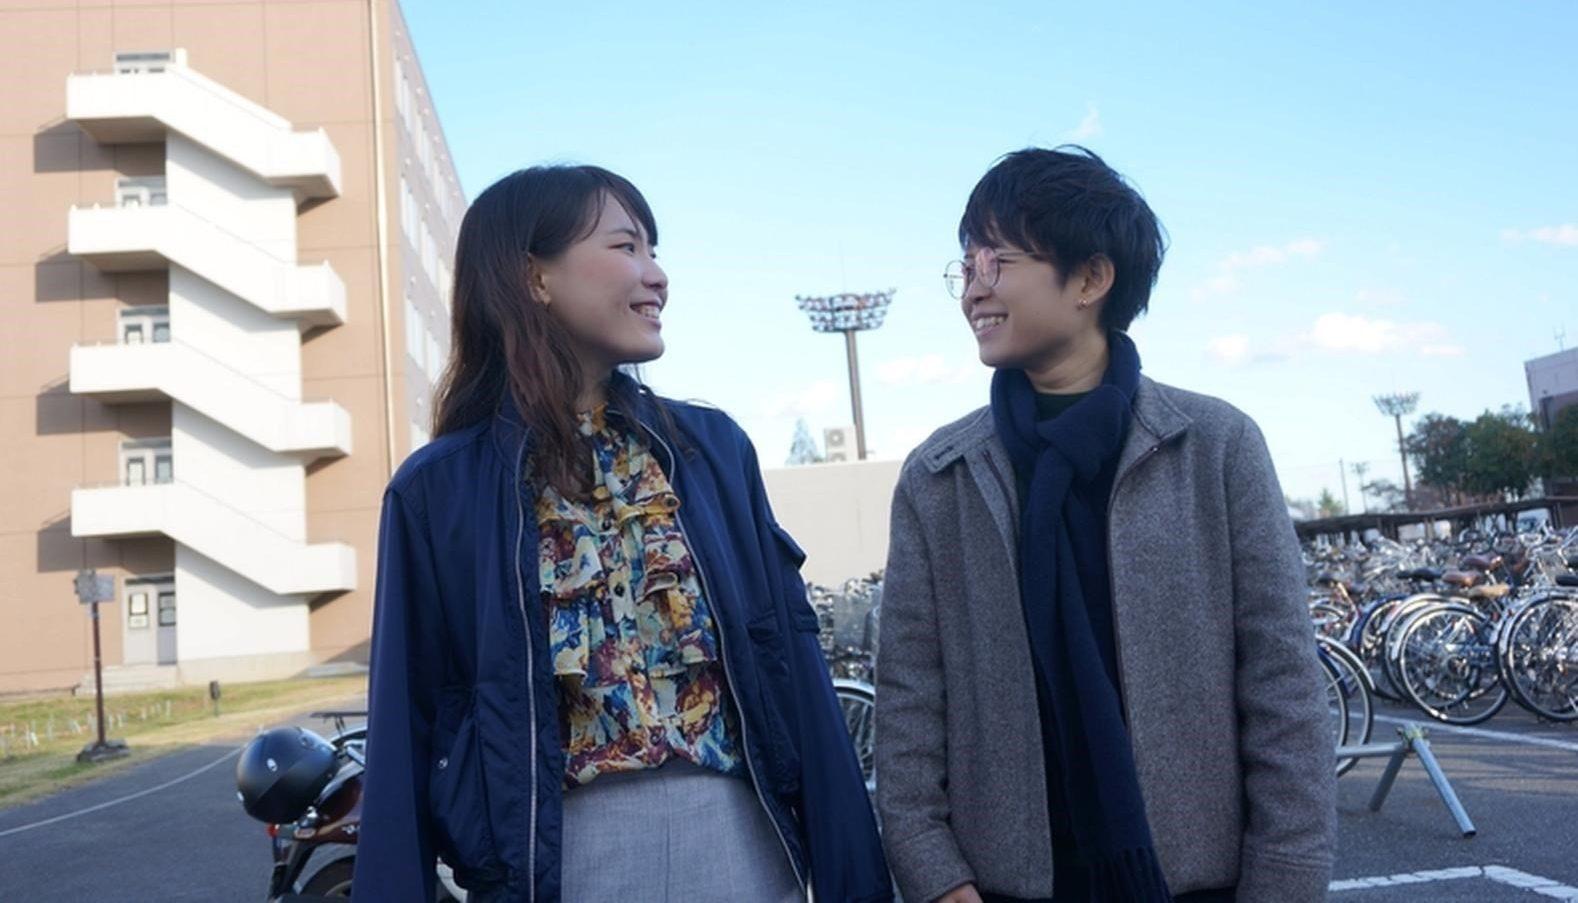 Japon Lezbiyen Çift, Ülkelerine Tepki Olarak 26 Farklı Ülkede Düğün Yapacak!